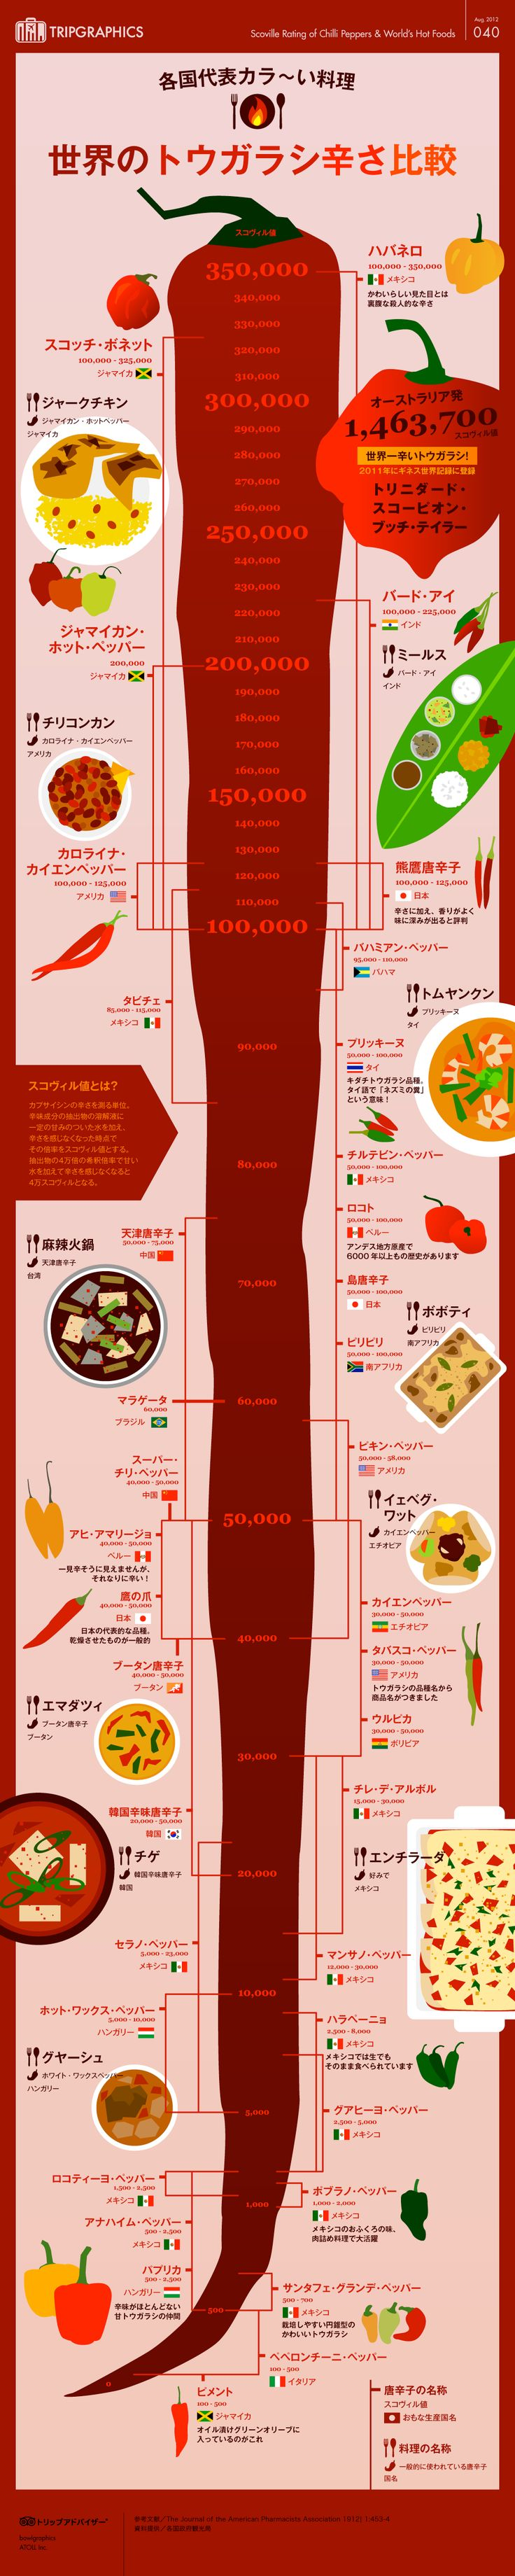 画像:世界のトウガラシ(&カラ~い料理)辛さ比較